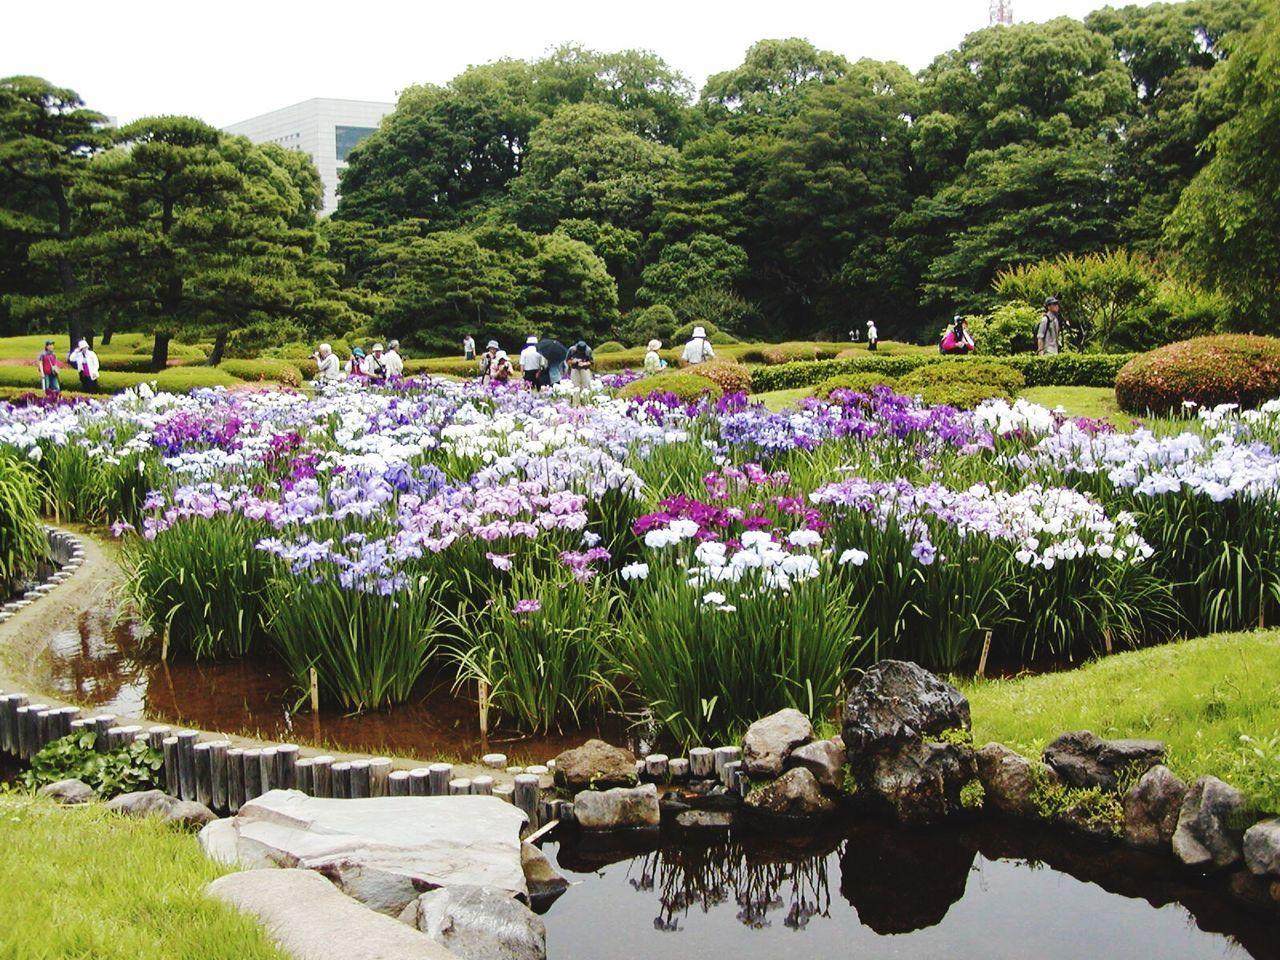 Landscapes With WhiteWall Planzen Lilien Park